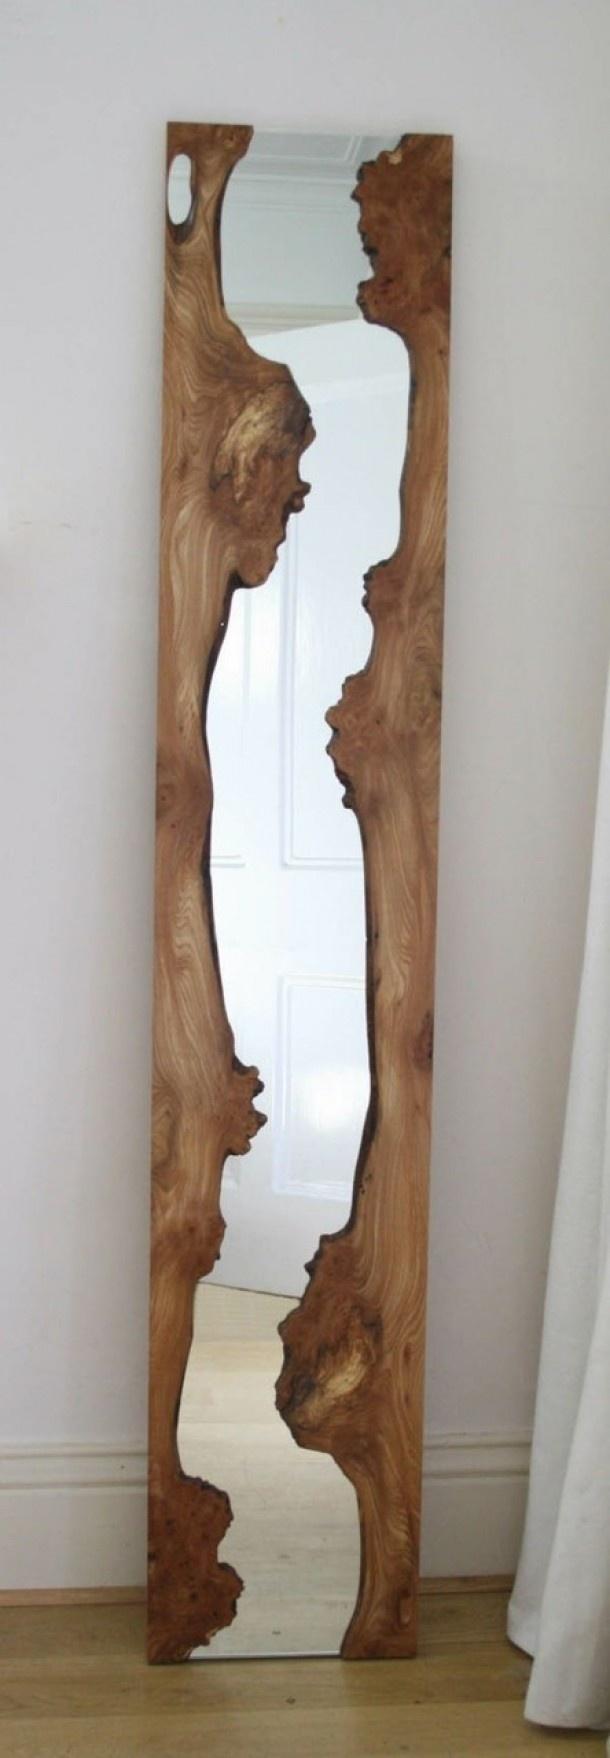 Google Afbeeldingen resultaat voor http://cdn3.welke.nl/photo/scale-610x1758-wit/spiegel-met-boomstam.1346787053-van-bertina.jpeg